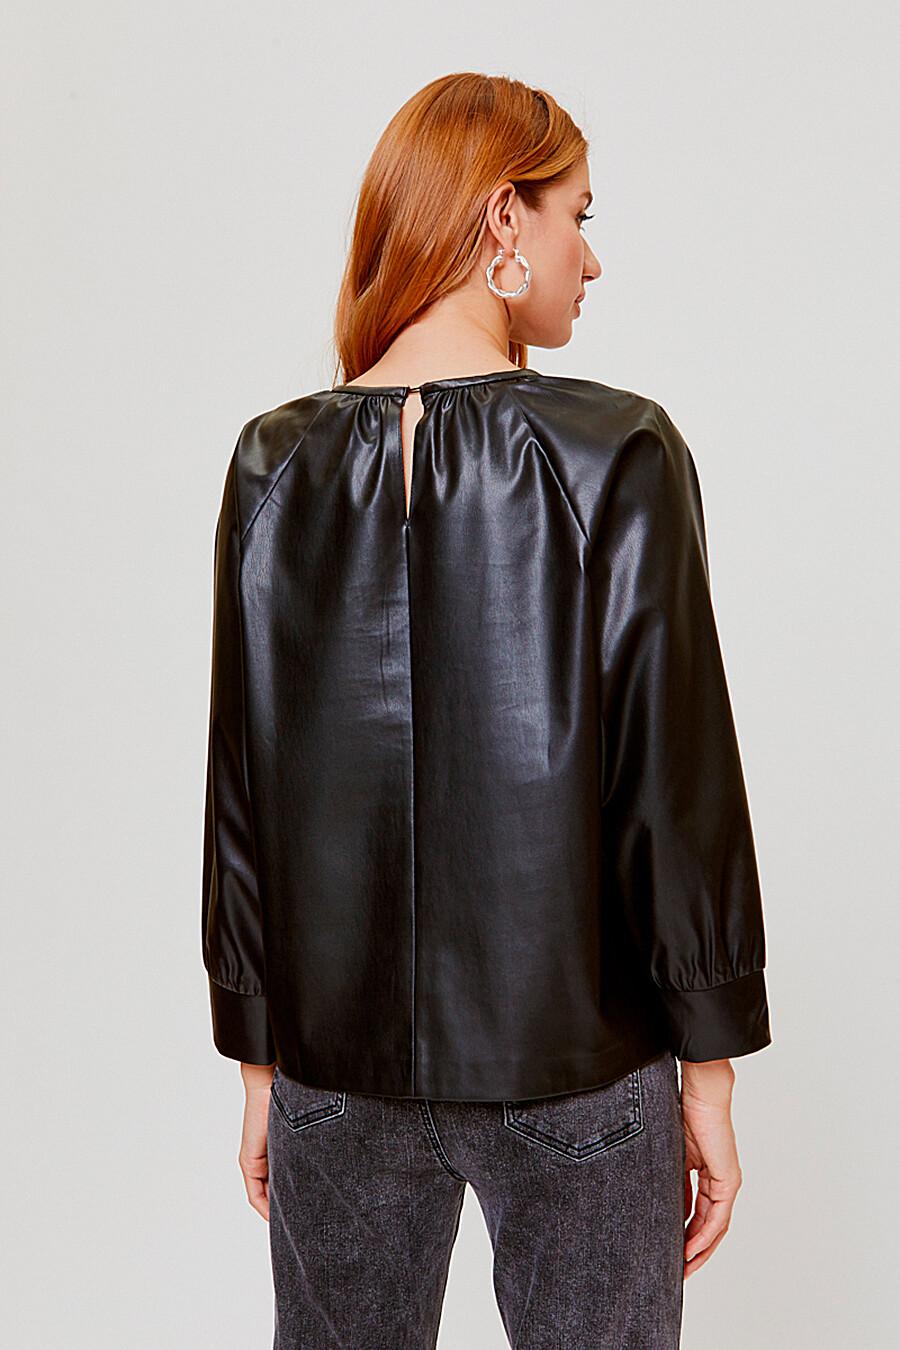 Блуза для женщин DELIA 247640 купить оптом от производителя. Совместная покупка женской одежды в OptMoyo